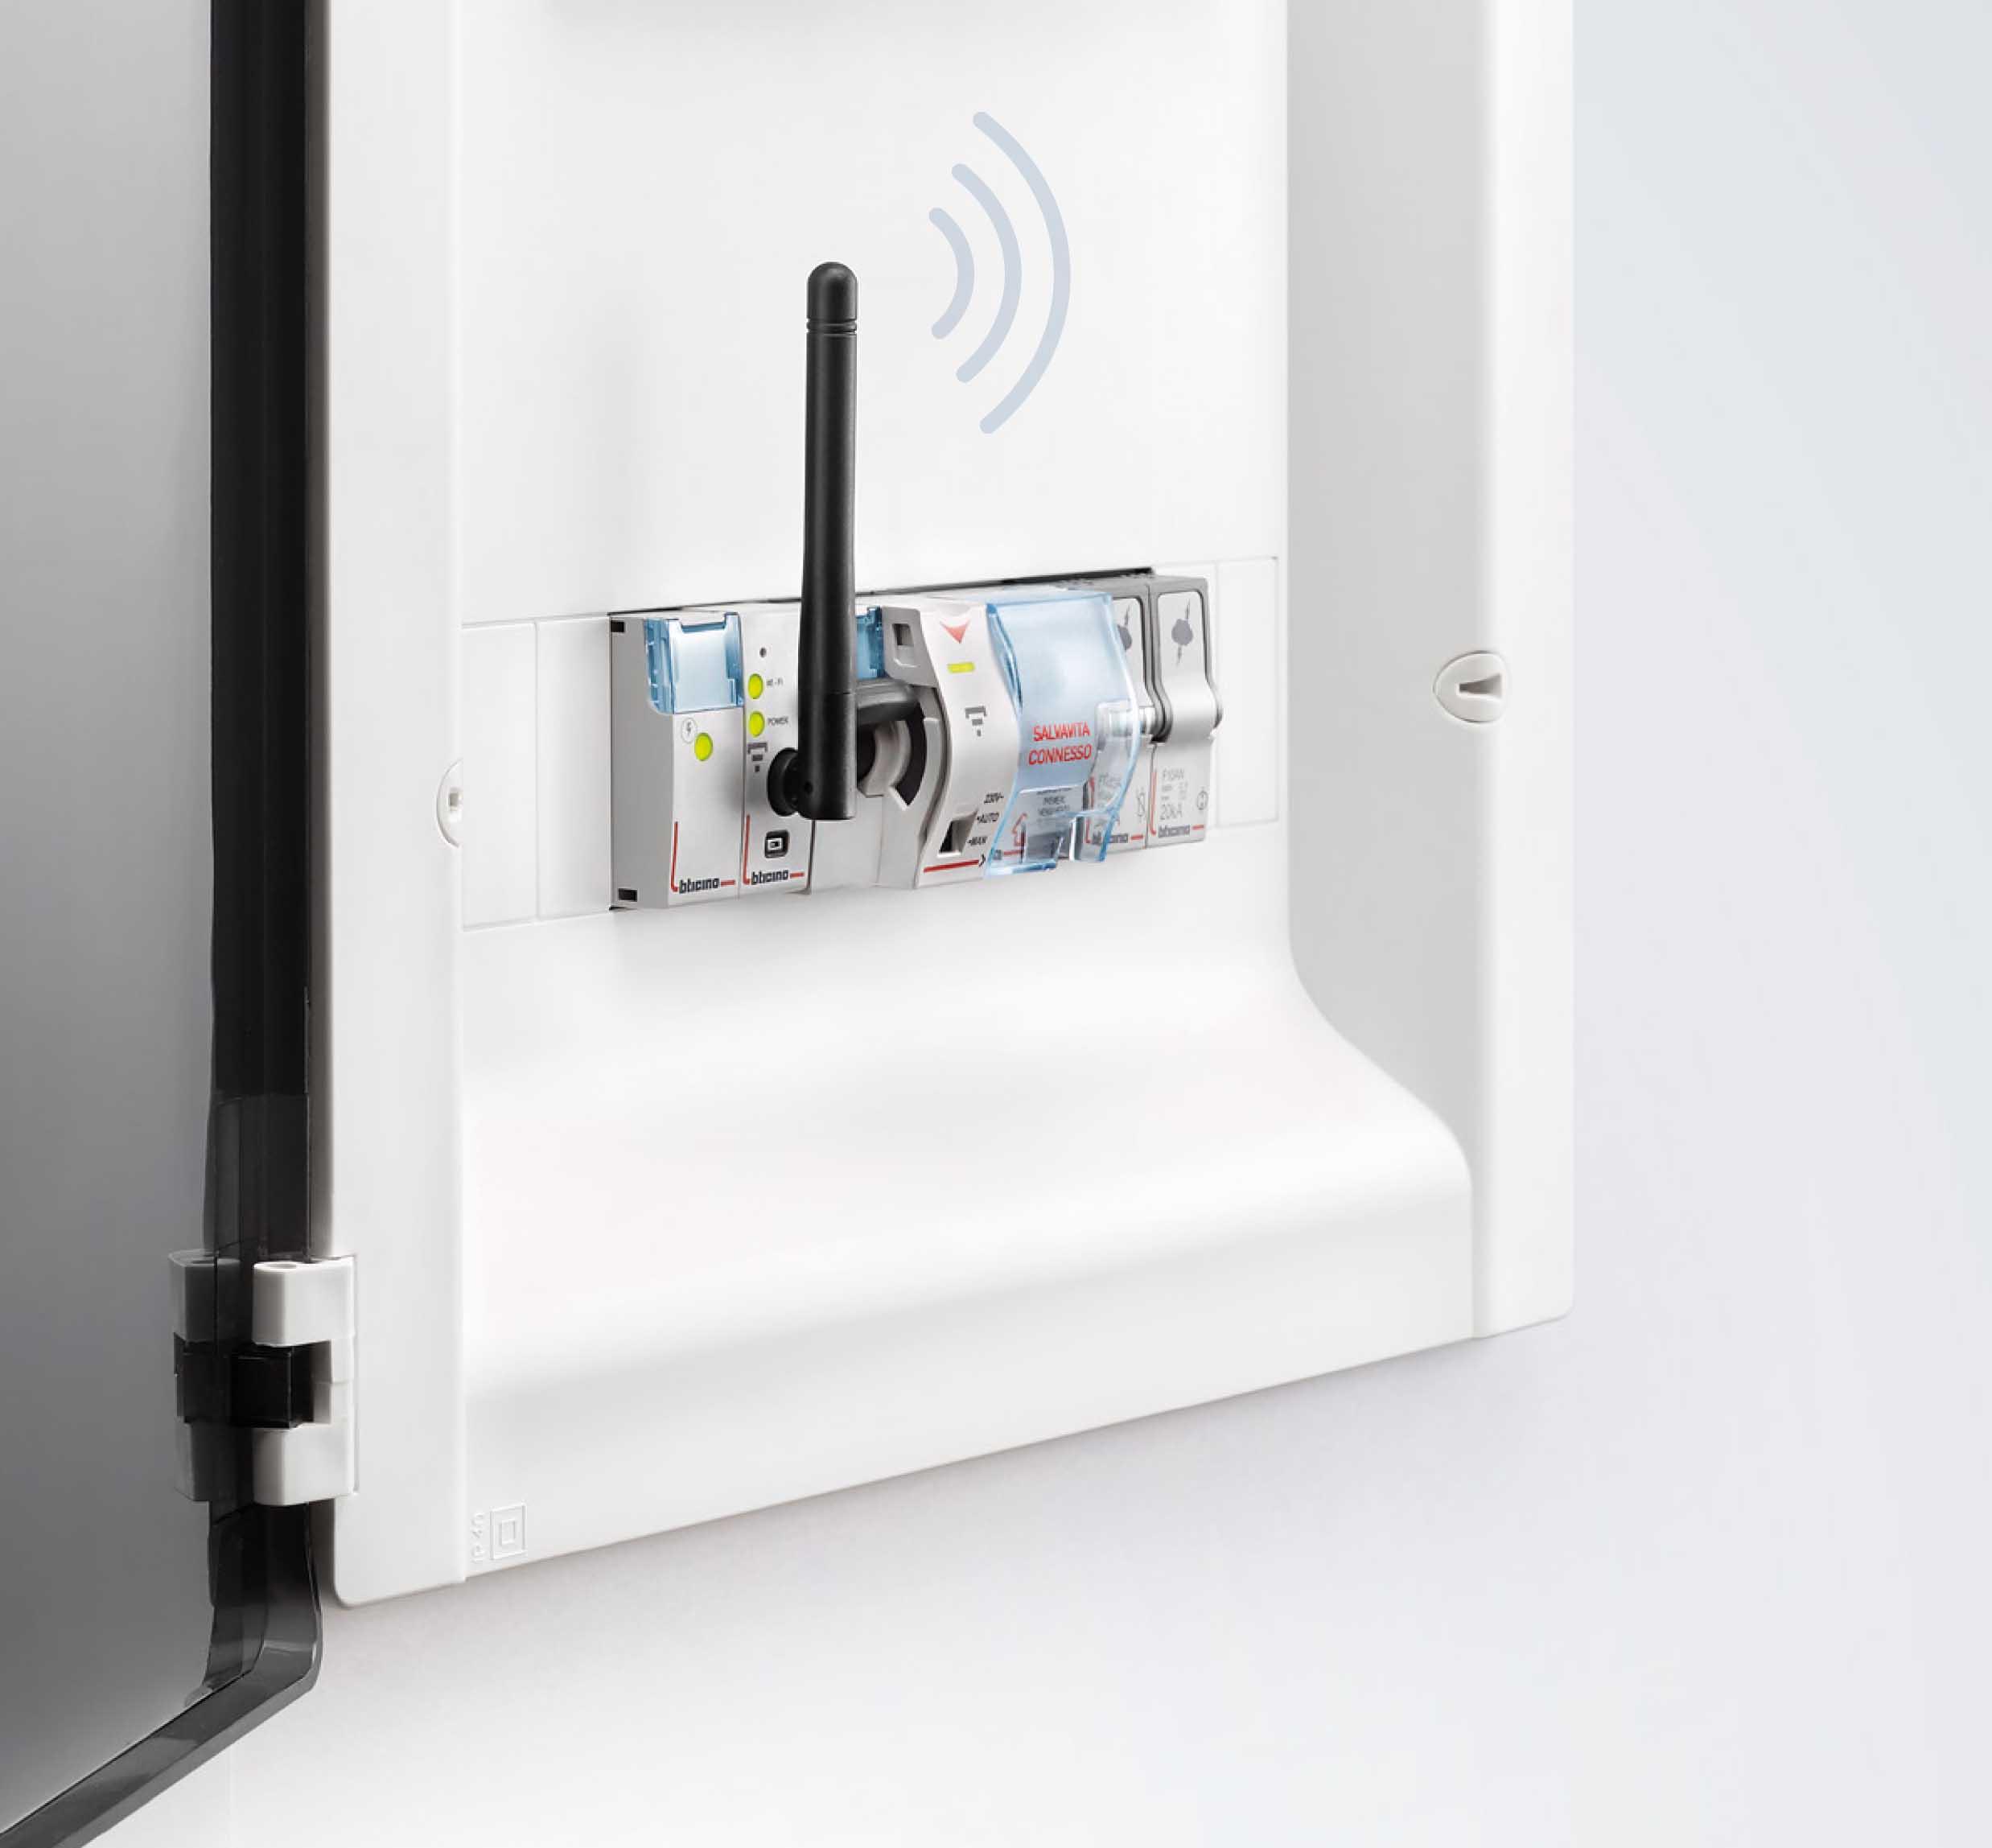 Salvavita Connesso con wi-fi integrato: la nuova soluzione di BTicino 25